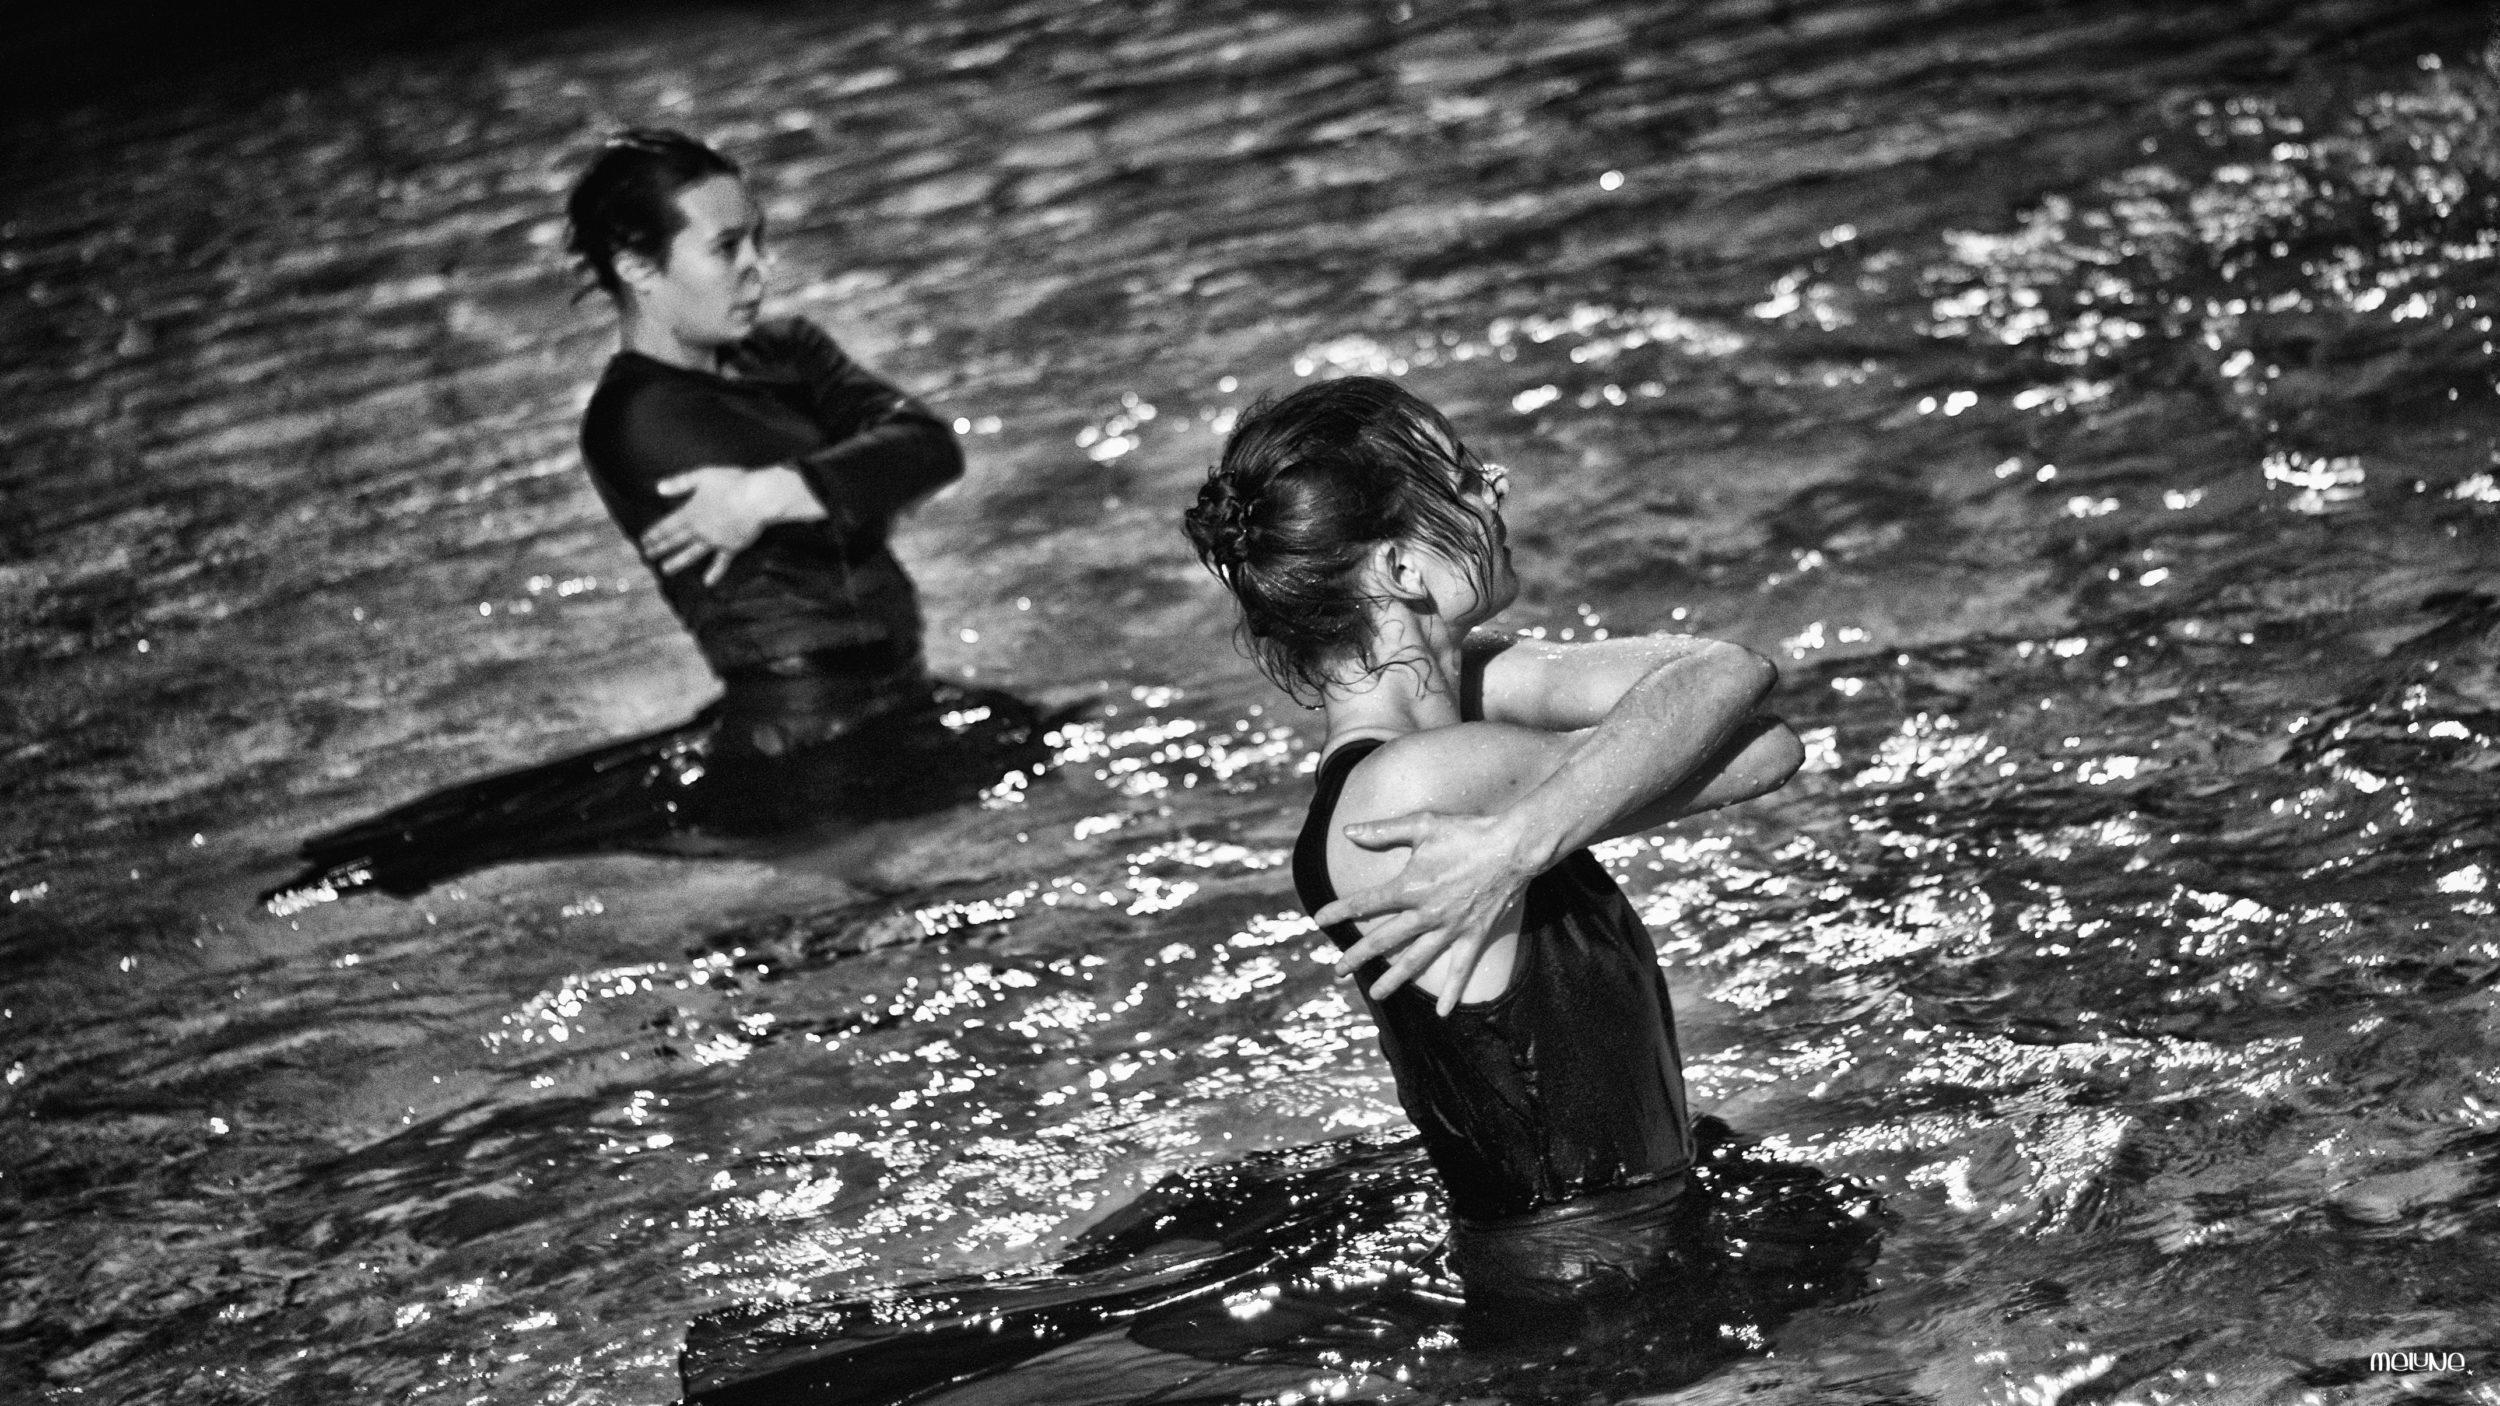 La Mémoire de l'eau - Nathalie Pernette, Cie Pernette